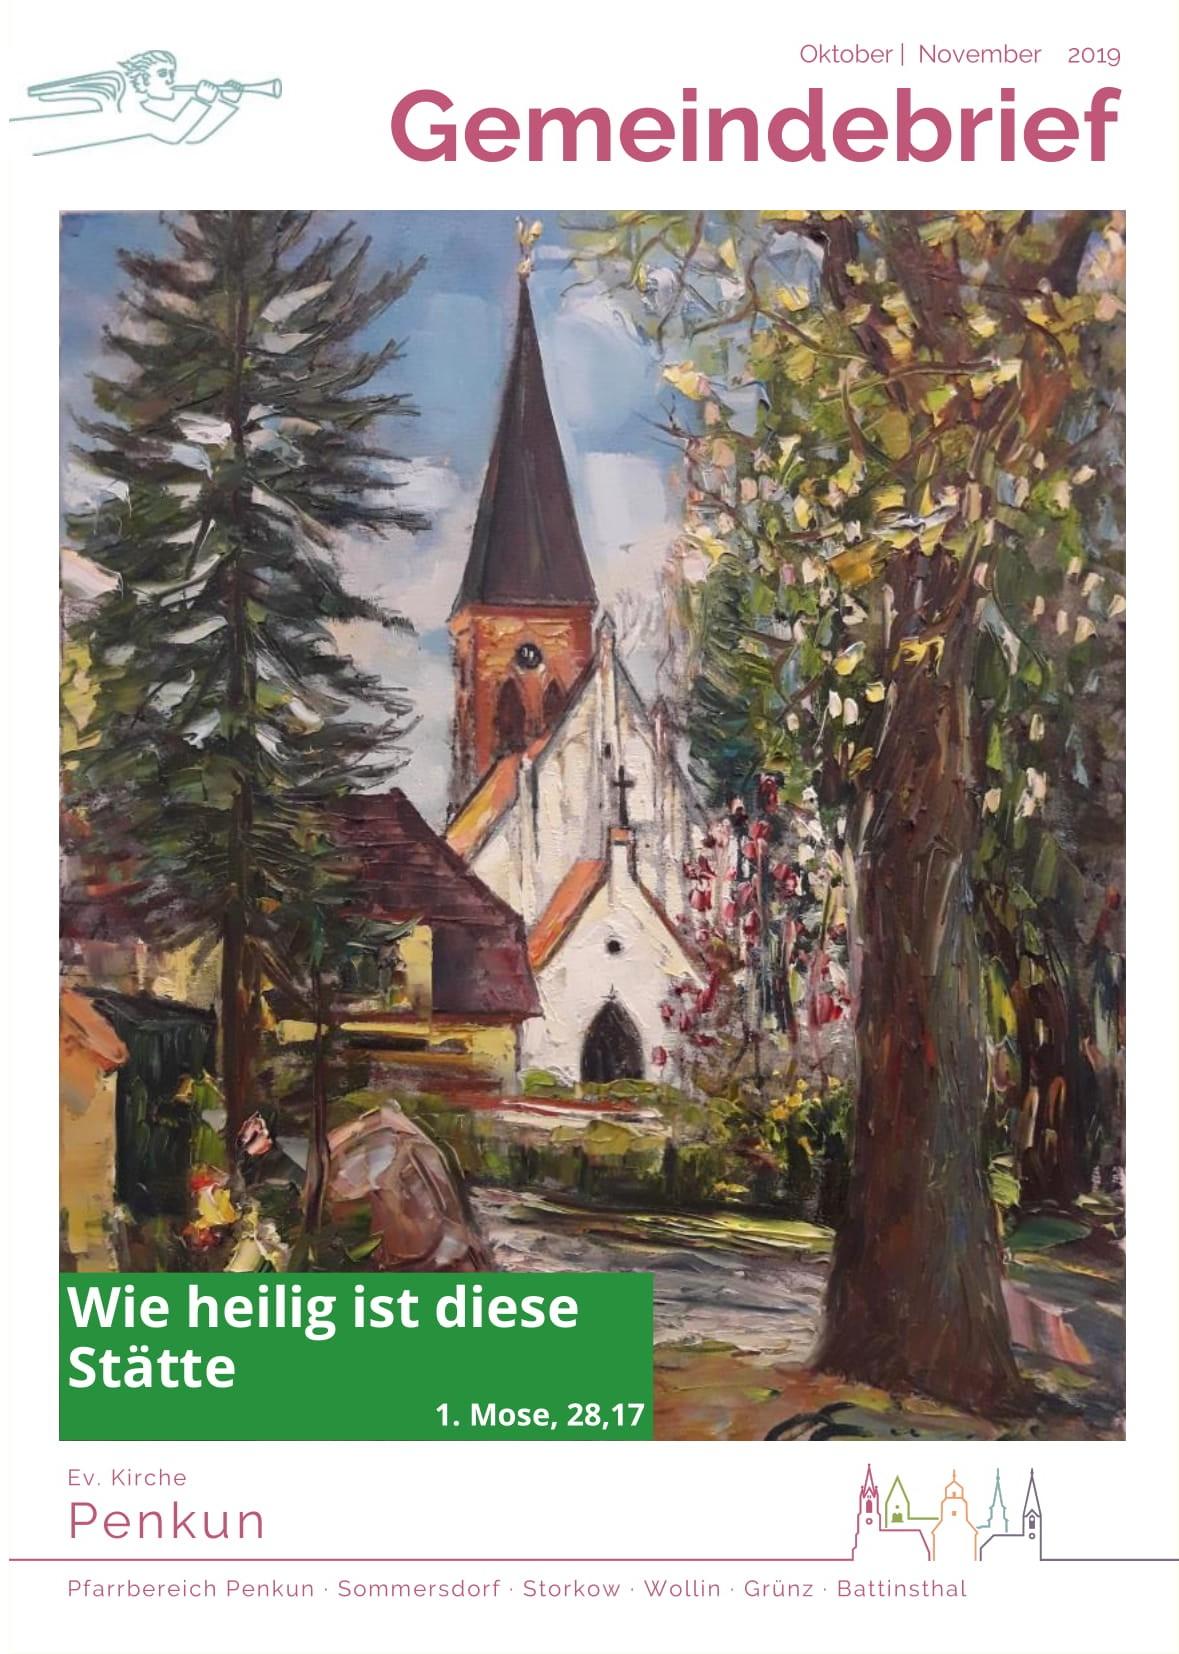 Gemeindebrief_19_03_Web-01